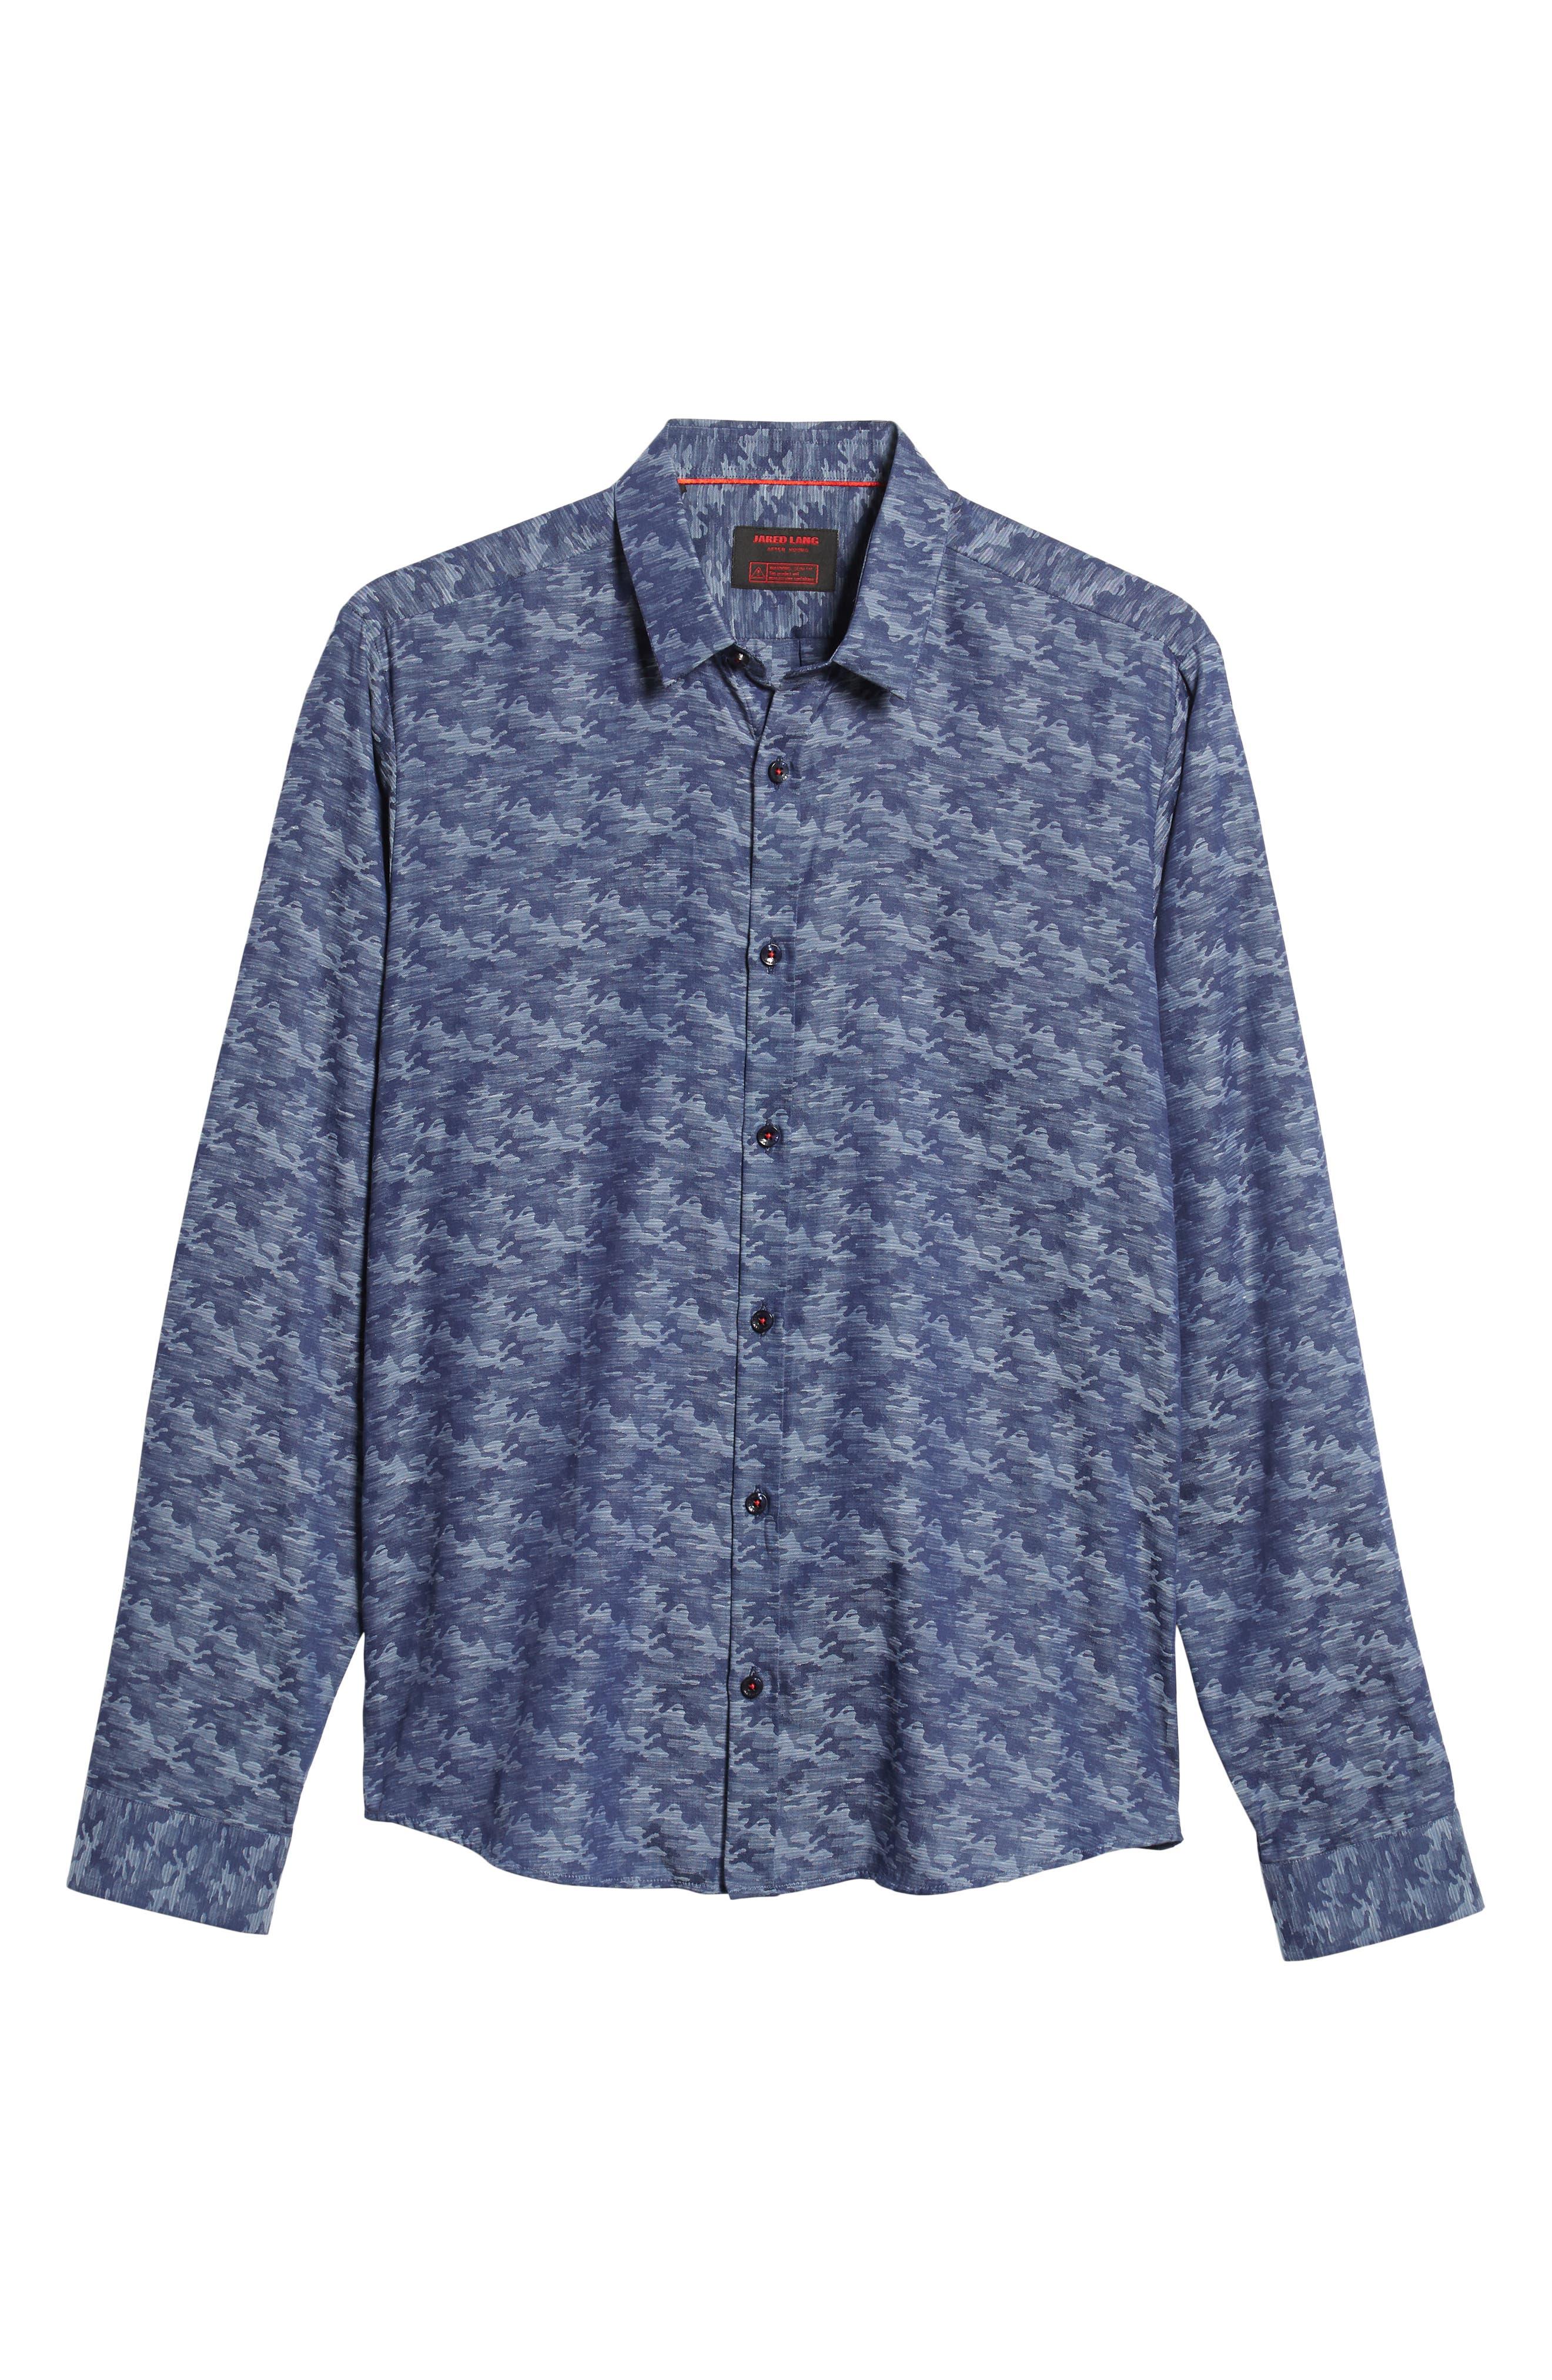 Trim Fit Sport Shirt,                             Alternate thumbnail 5, color,                             BLUE CAMO